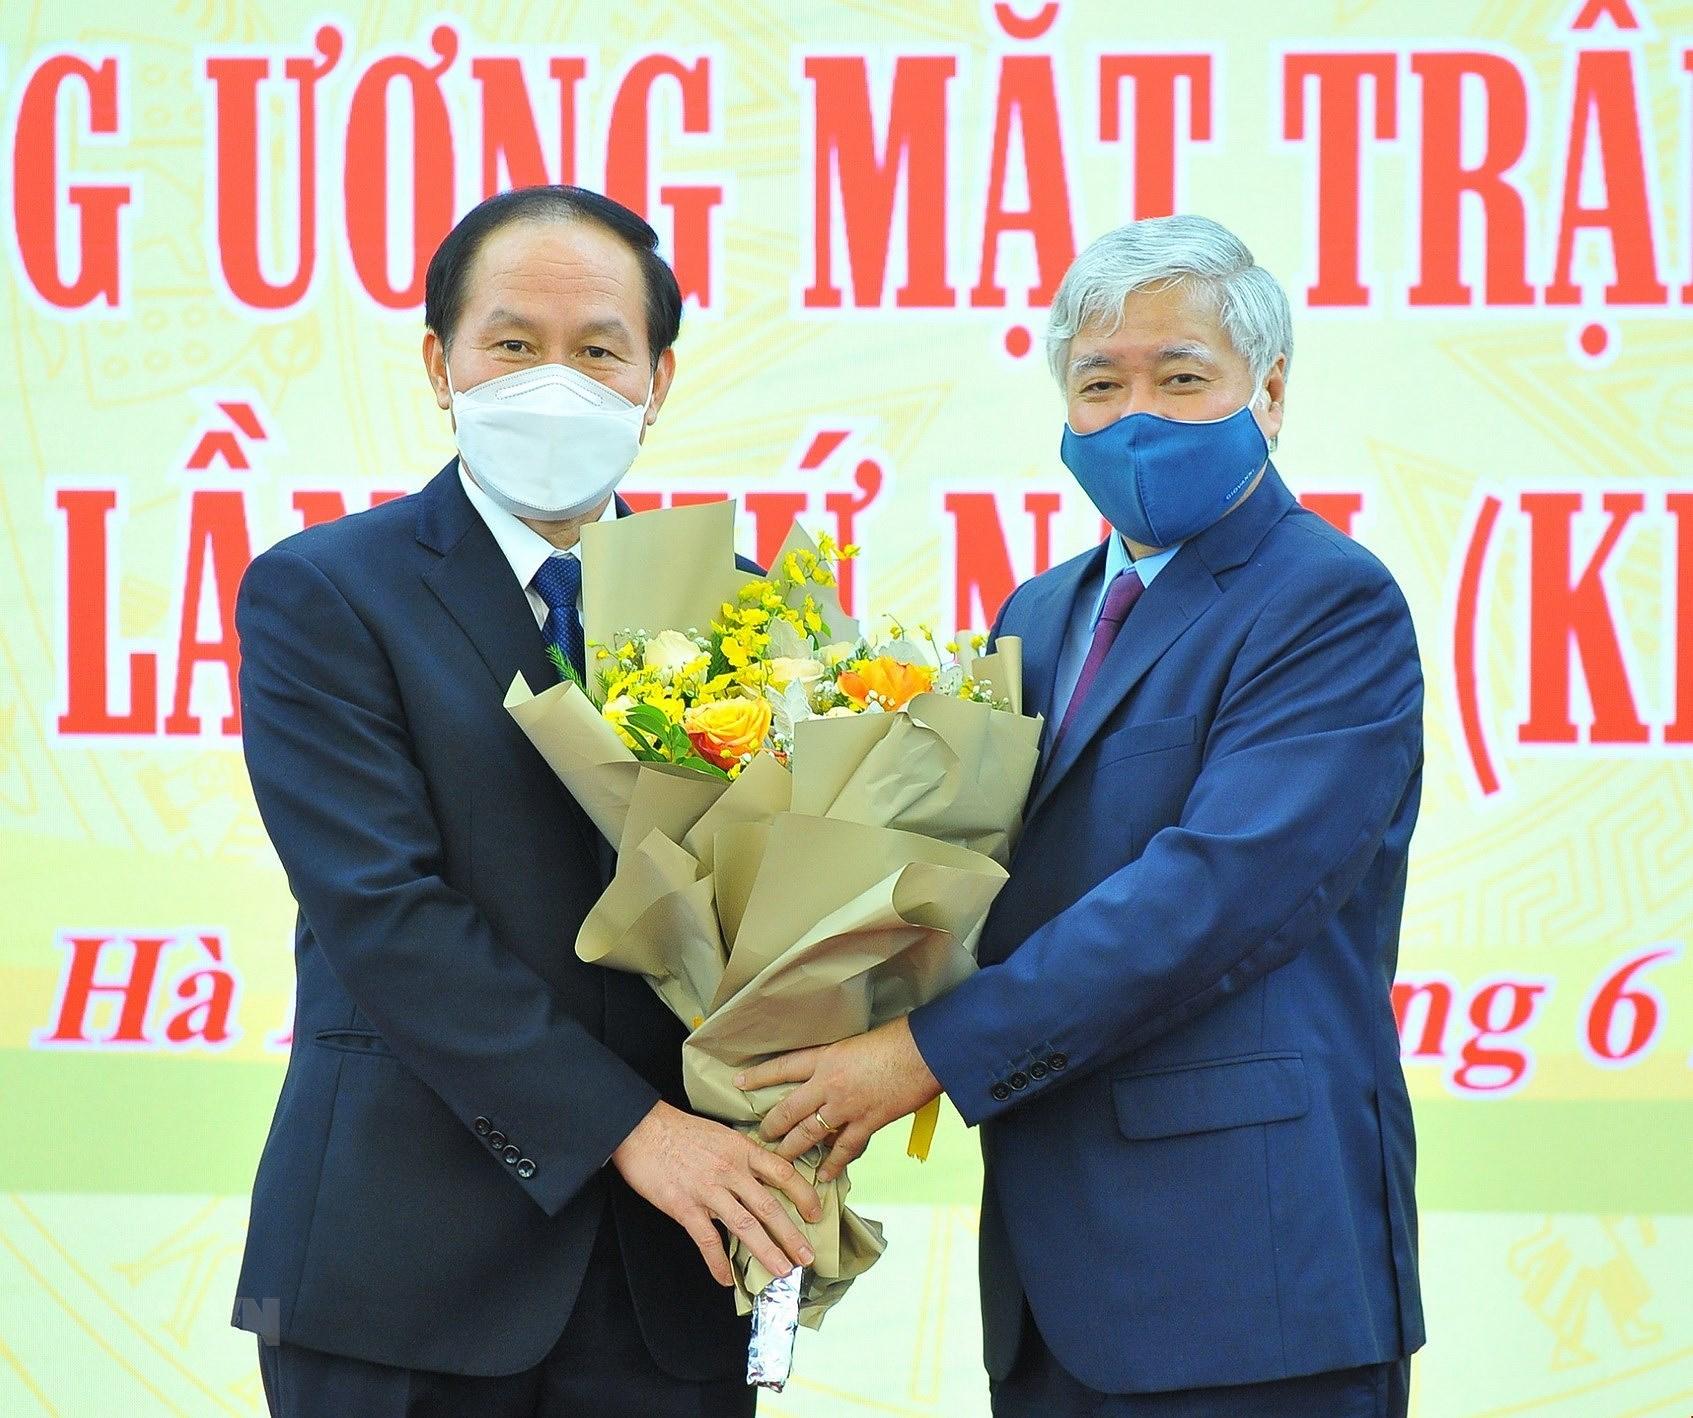 Ong Le Tien Chau giu chuc Pho Chu tich-Tong Thu ky Uy ban MTTQ hinh anh 1